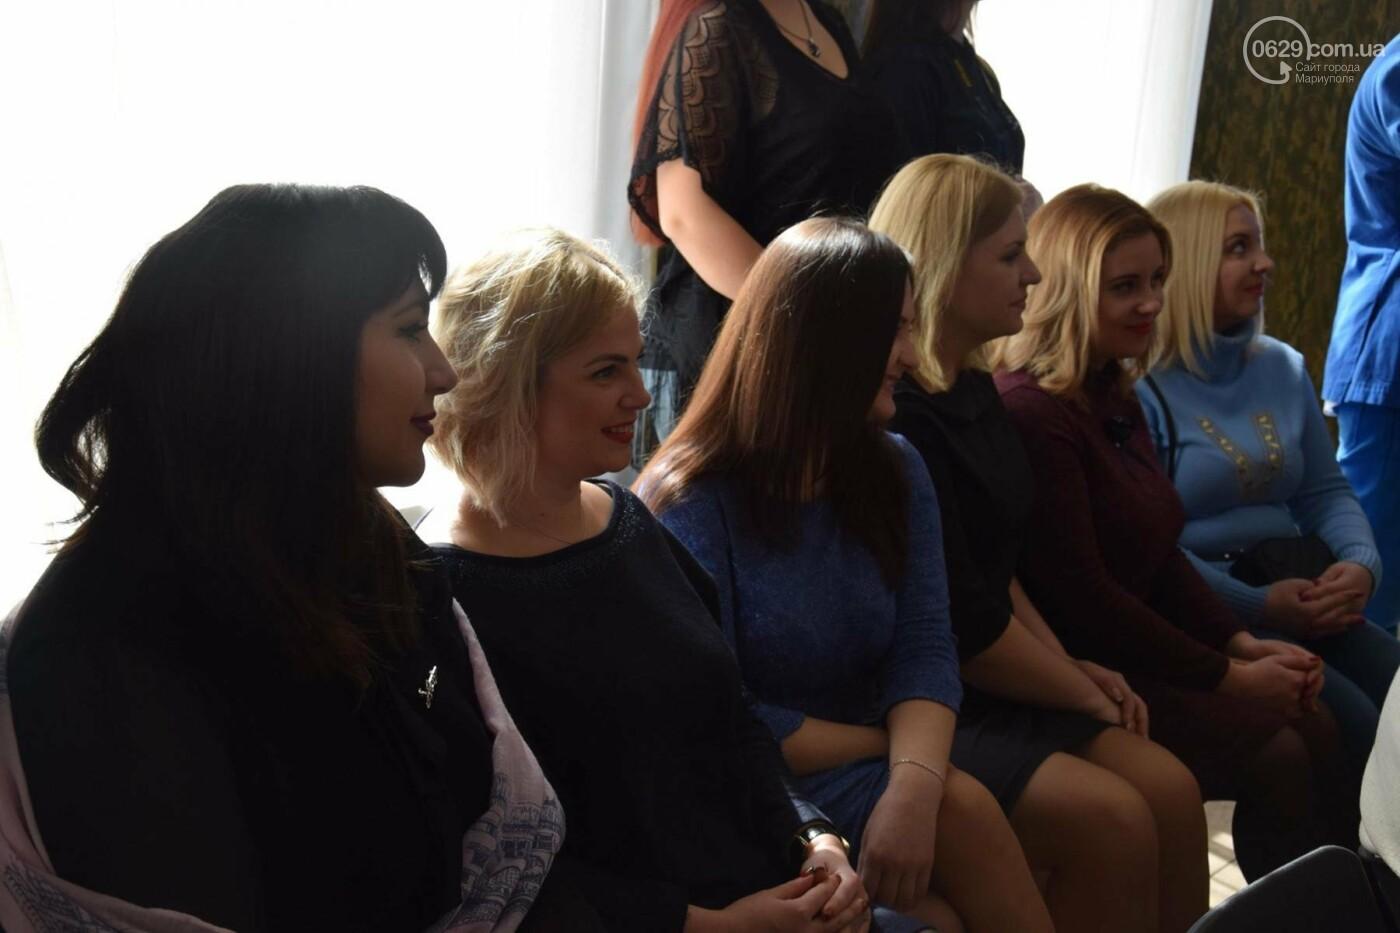 Модели XL в  Мариуполе бросят вызов анорексии и выйдут  в платьях Андре Тана (ФОТО, ВИДЕО), фото-1